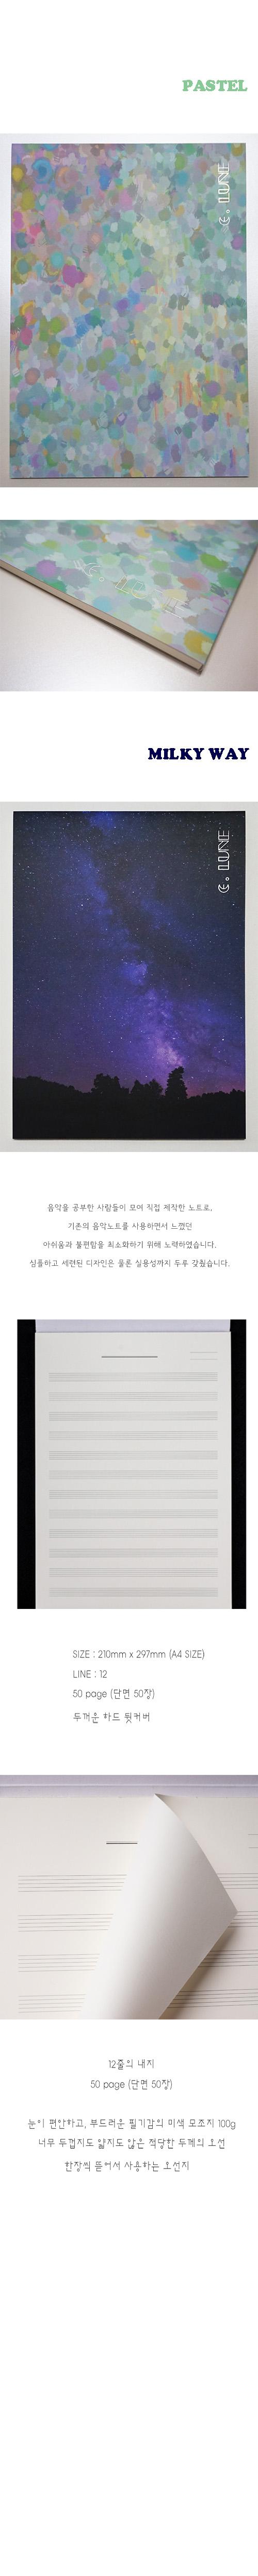 뜯어쓰는 음악노트 - 이룬, 6,000원, 베이직노트, 유선노트